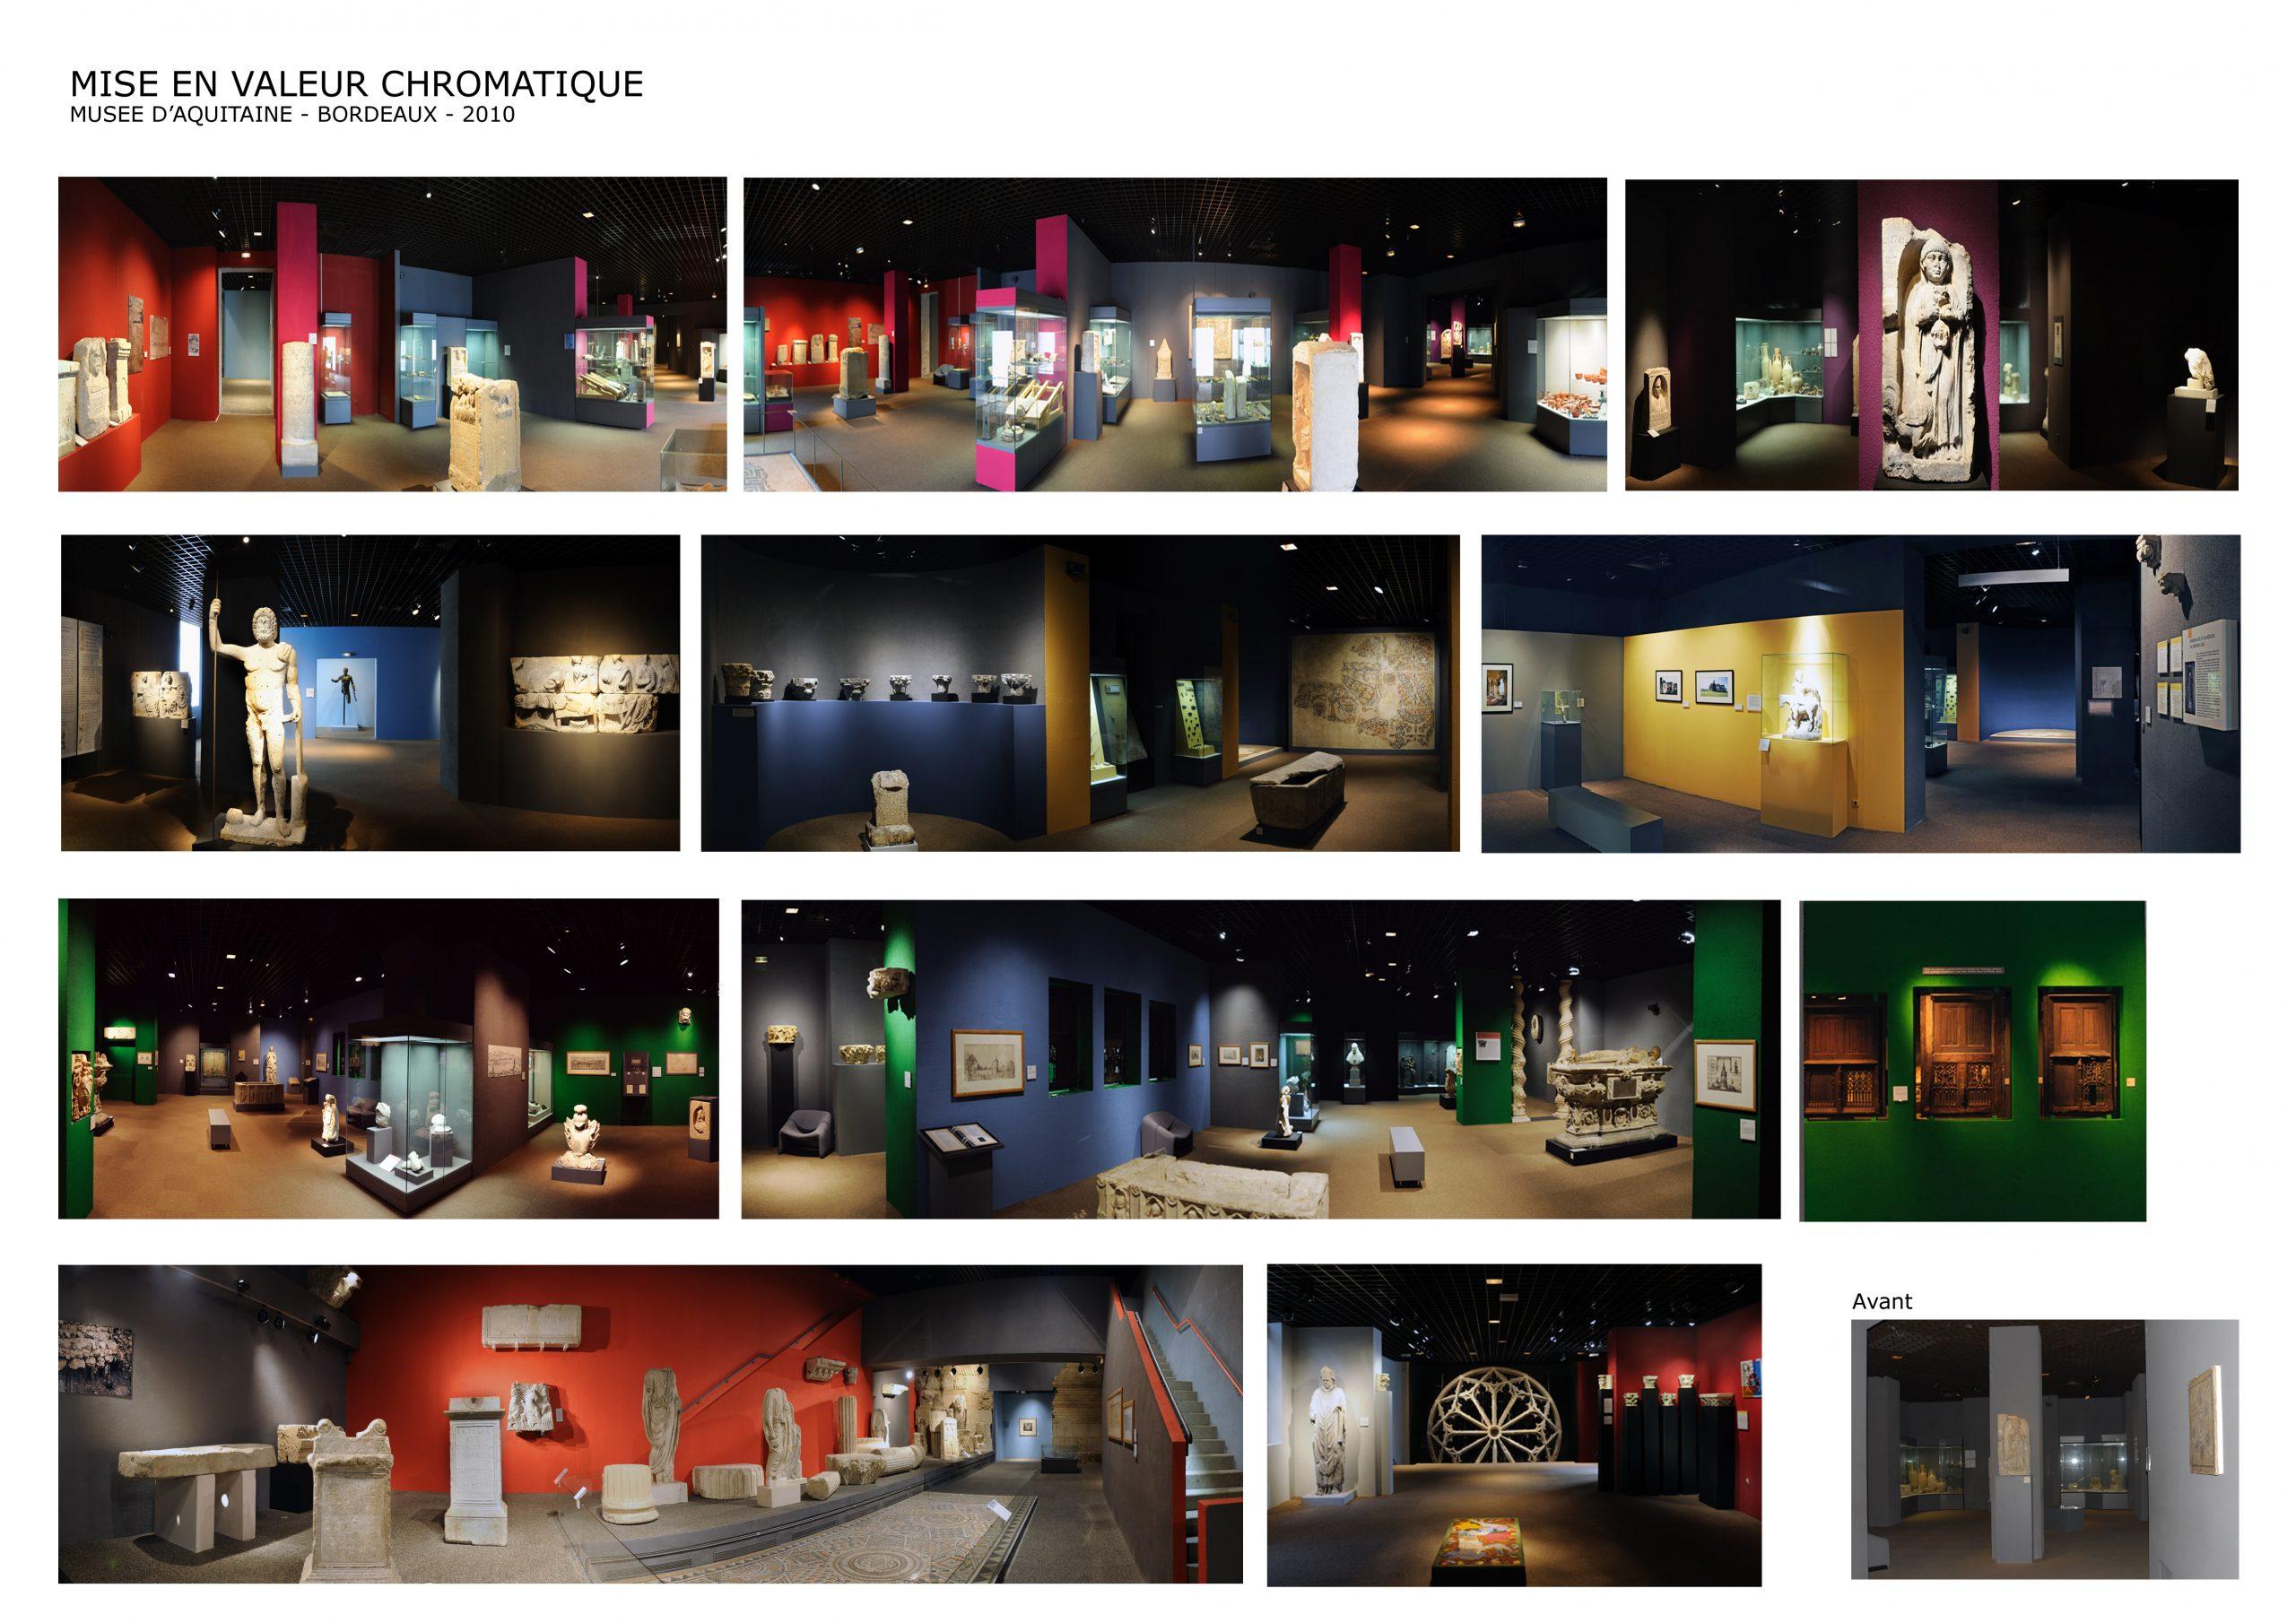 Musée d'Aquitaine Bordeaux- Mise en valeur chromatique des espaces